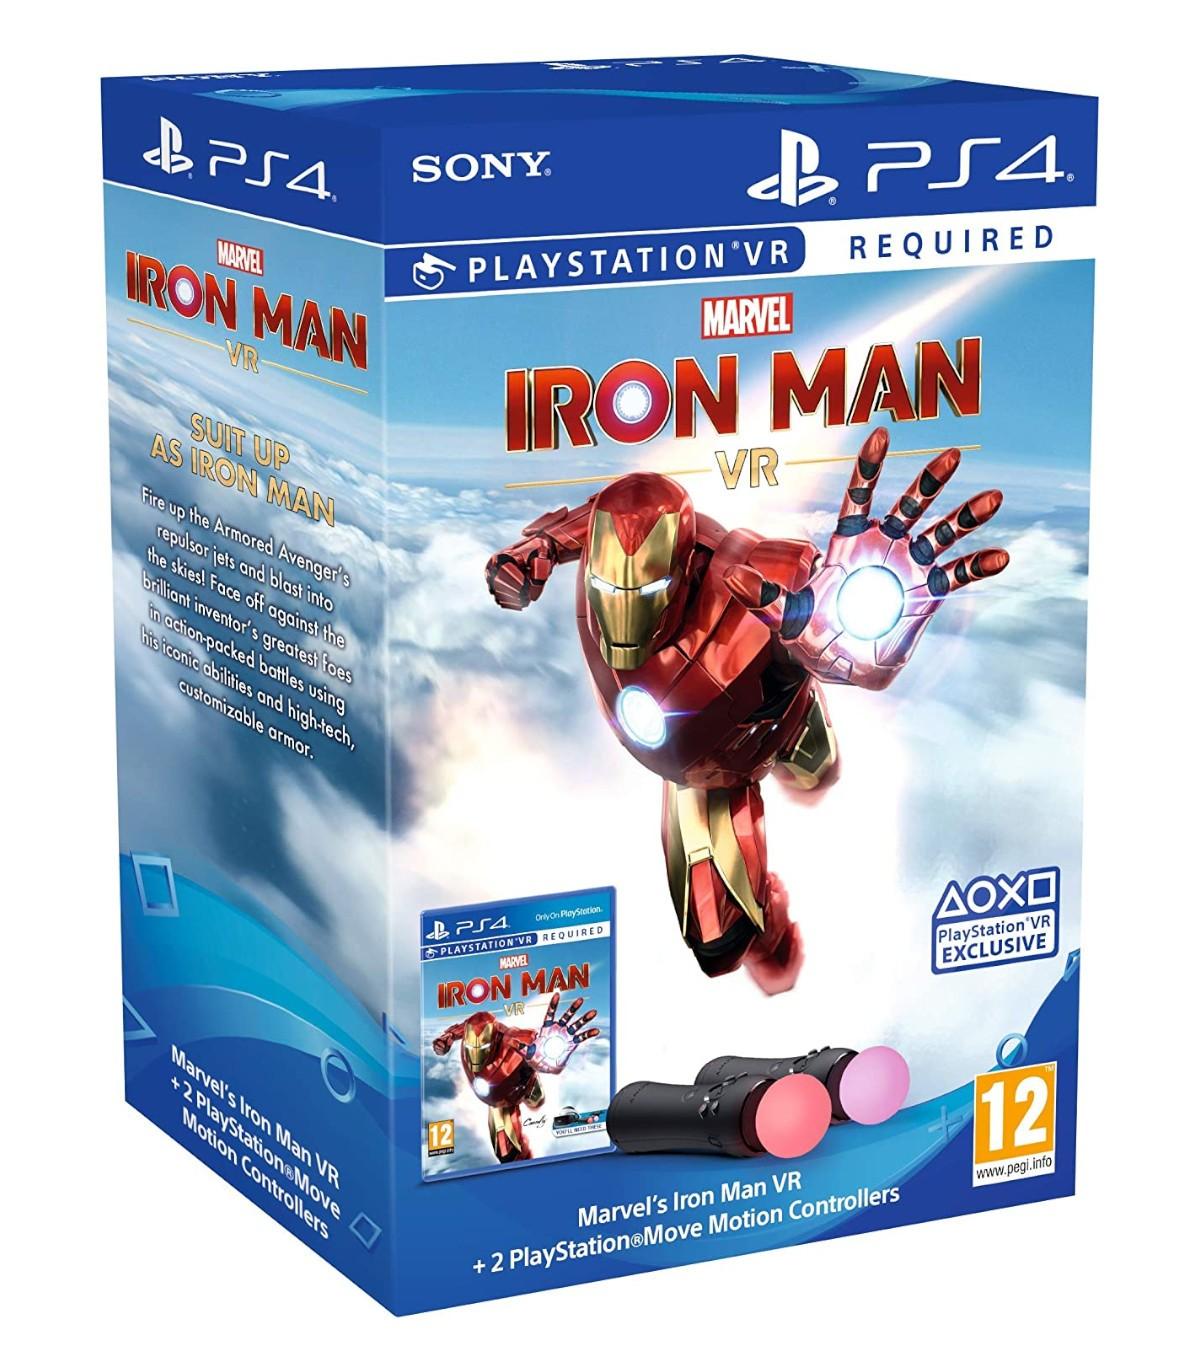 بازی Marvel's Iron Man VR به همراه PlayStation Move Controller